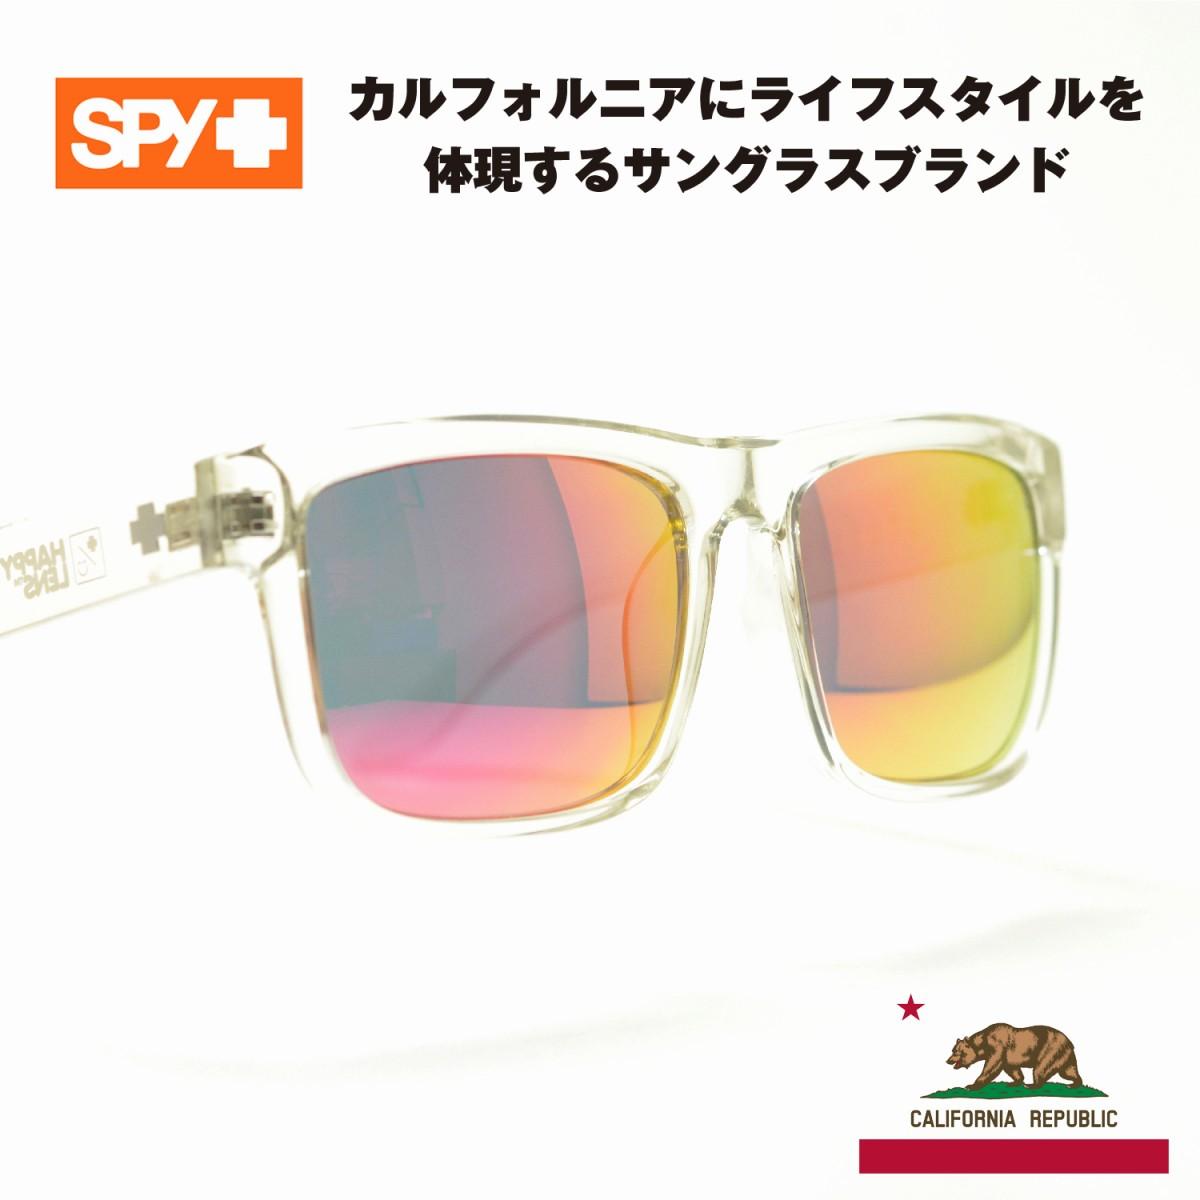 SPY スパイ DISCORD ディスコード クリア/グレーピンクミラーメガネ 眼鏡 めがね メンズ レディース おしゃれ ブランド 人気 おすすめ フレーム 流行り 度付き レンズ サングラス